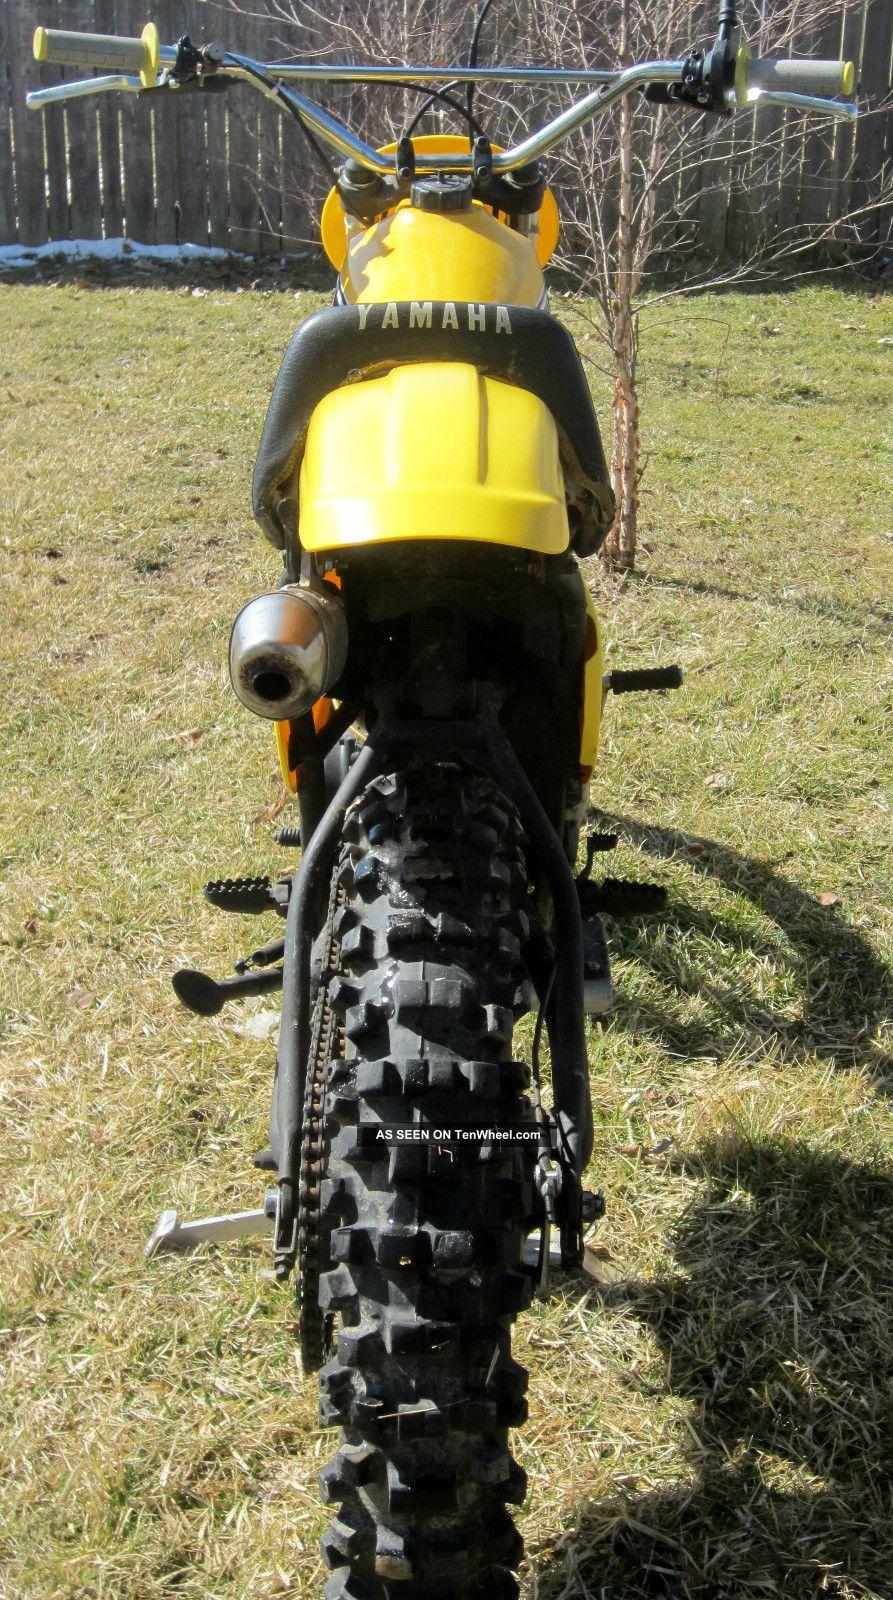 hight resolution of yamaha dirt bike wiring